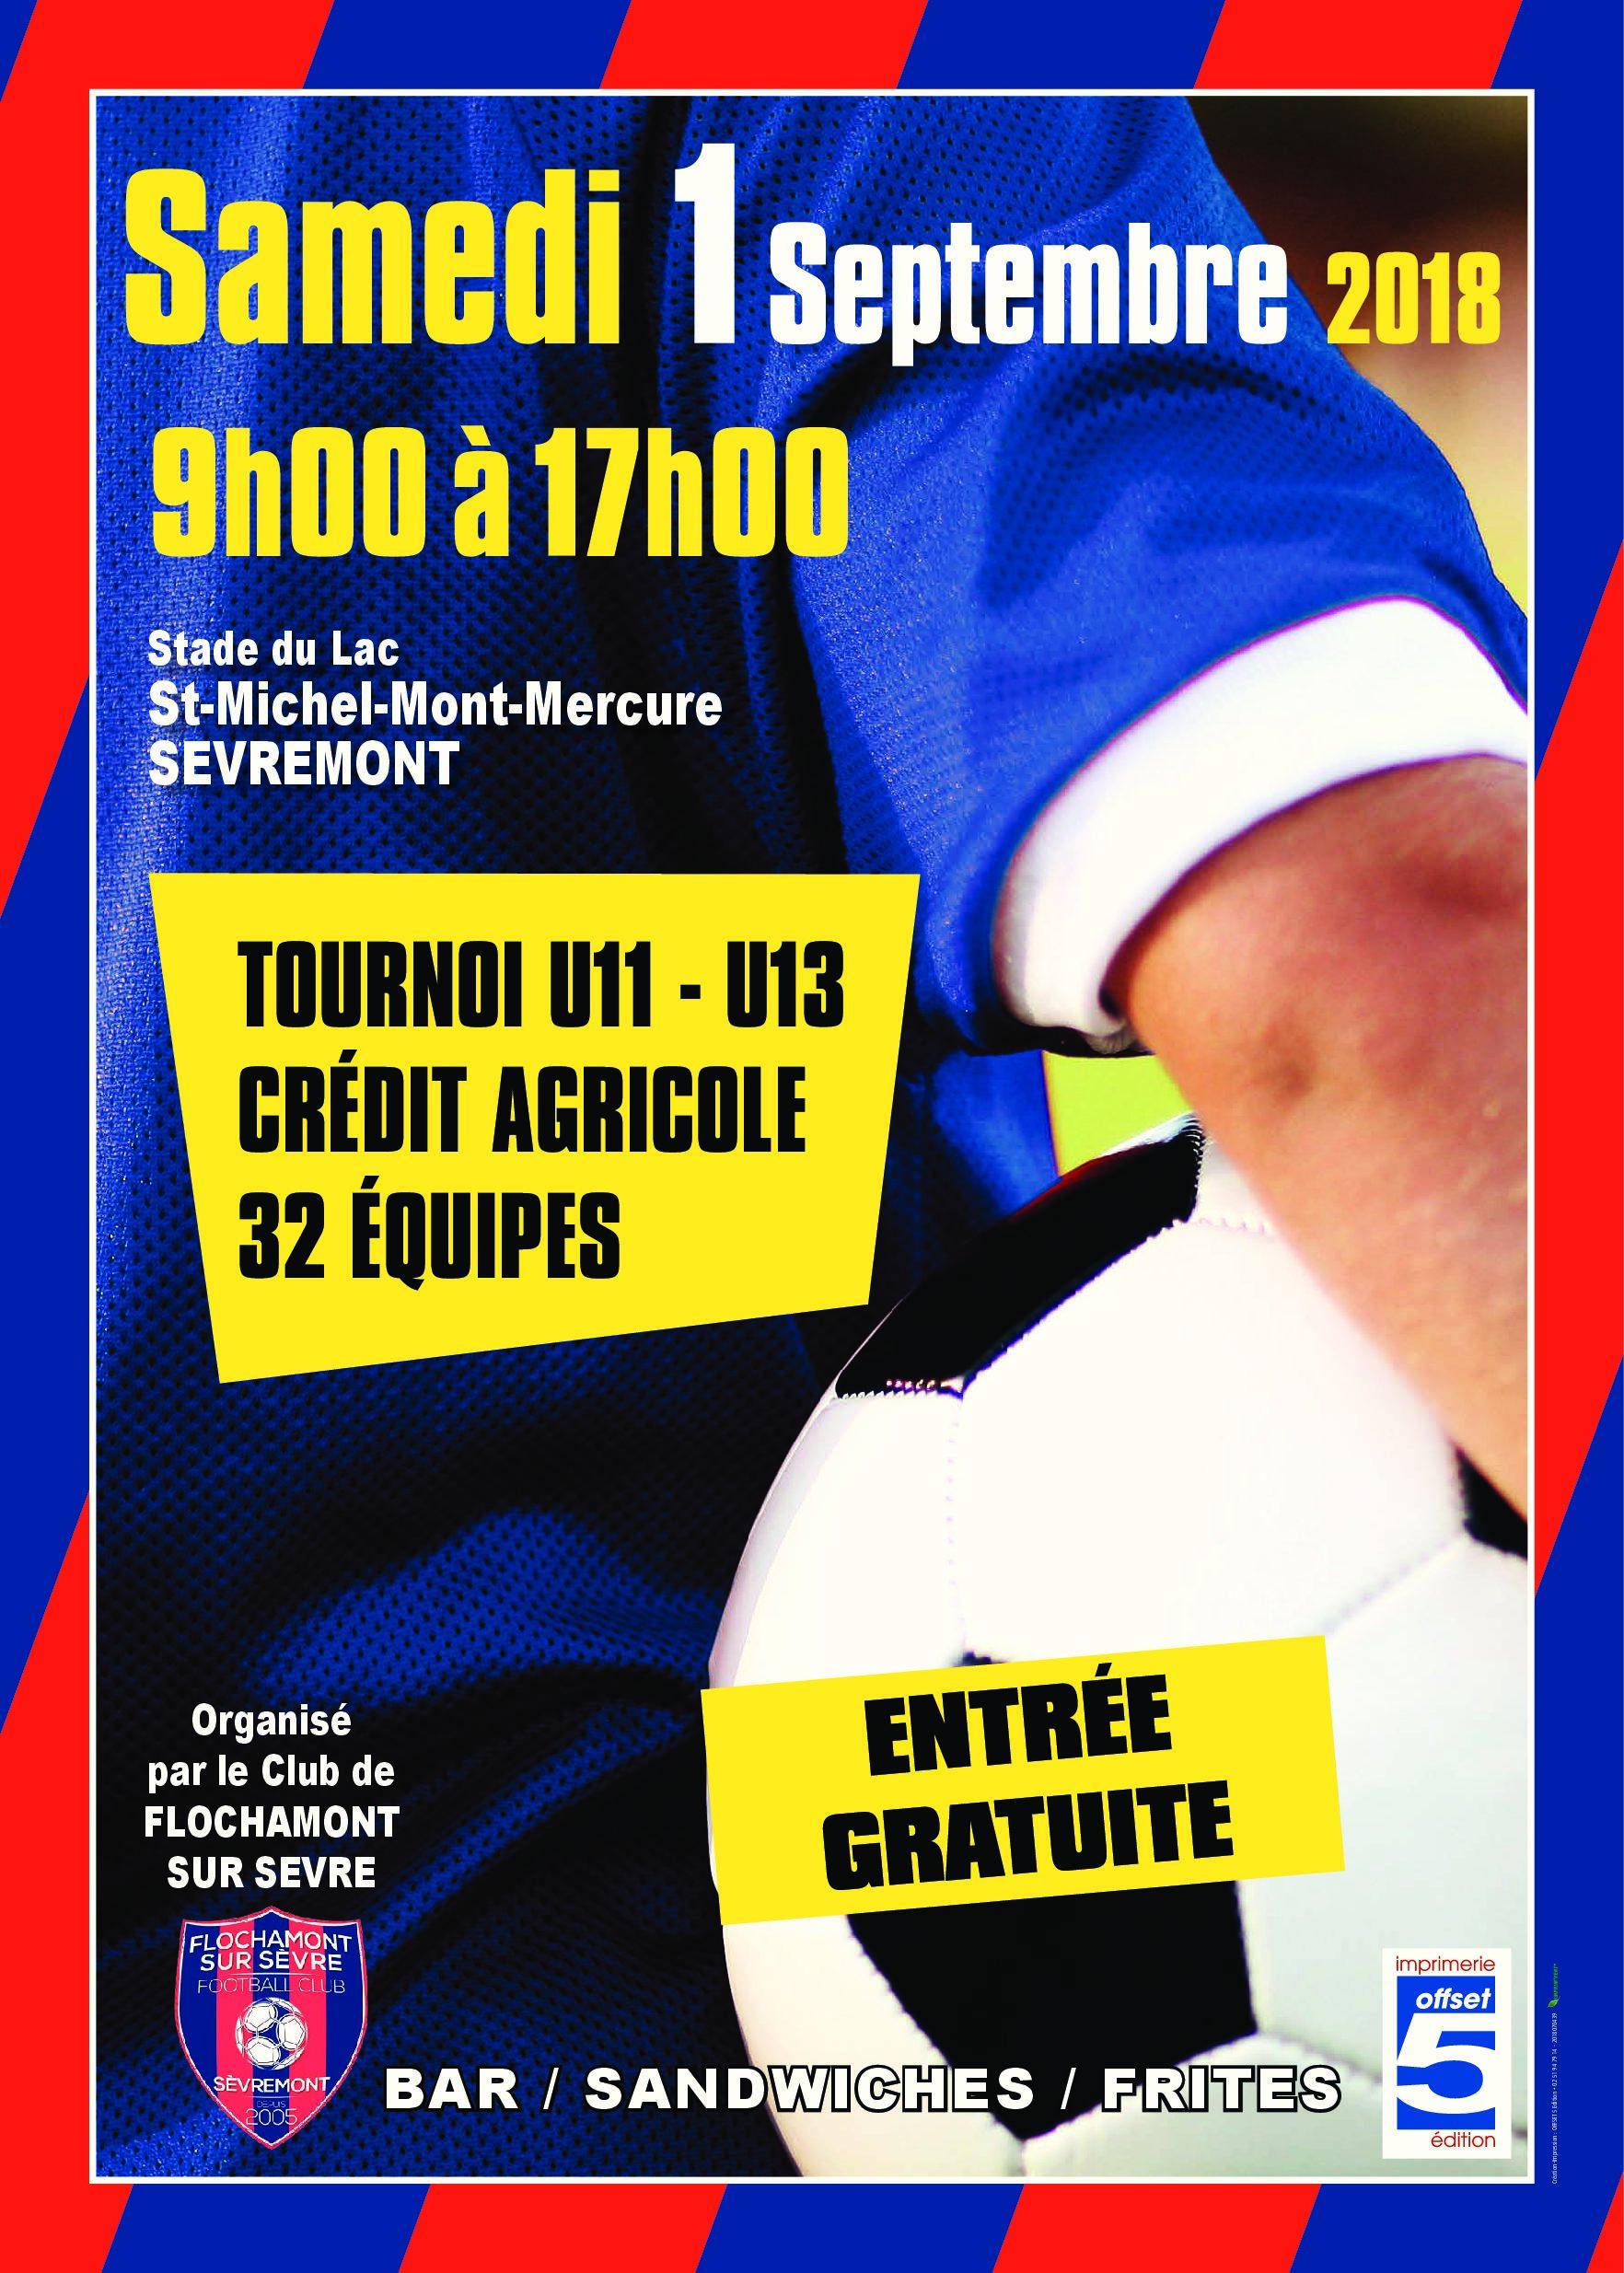 c4d1610f8e4 Tournoi U11-U13 Crédit Agricole   informations pratiques ...